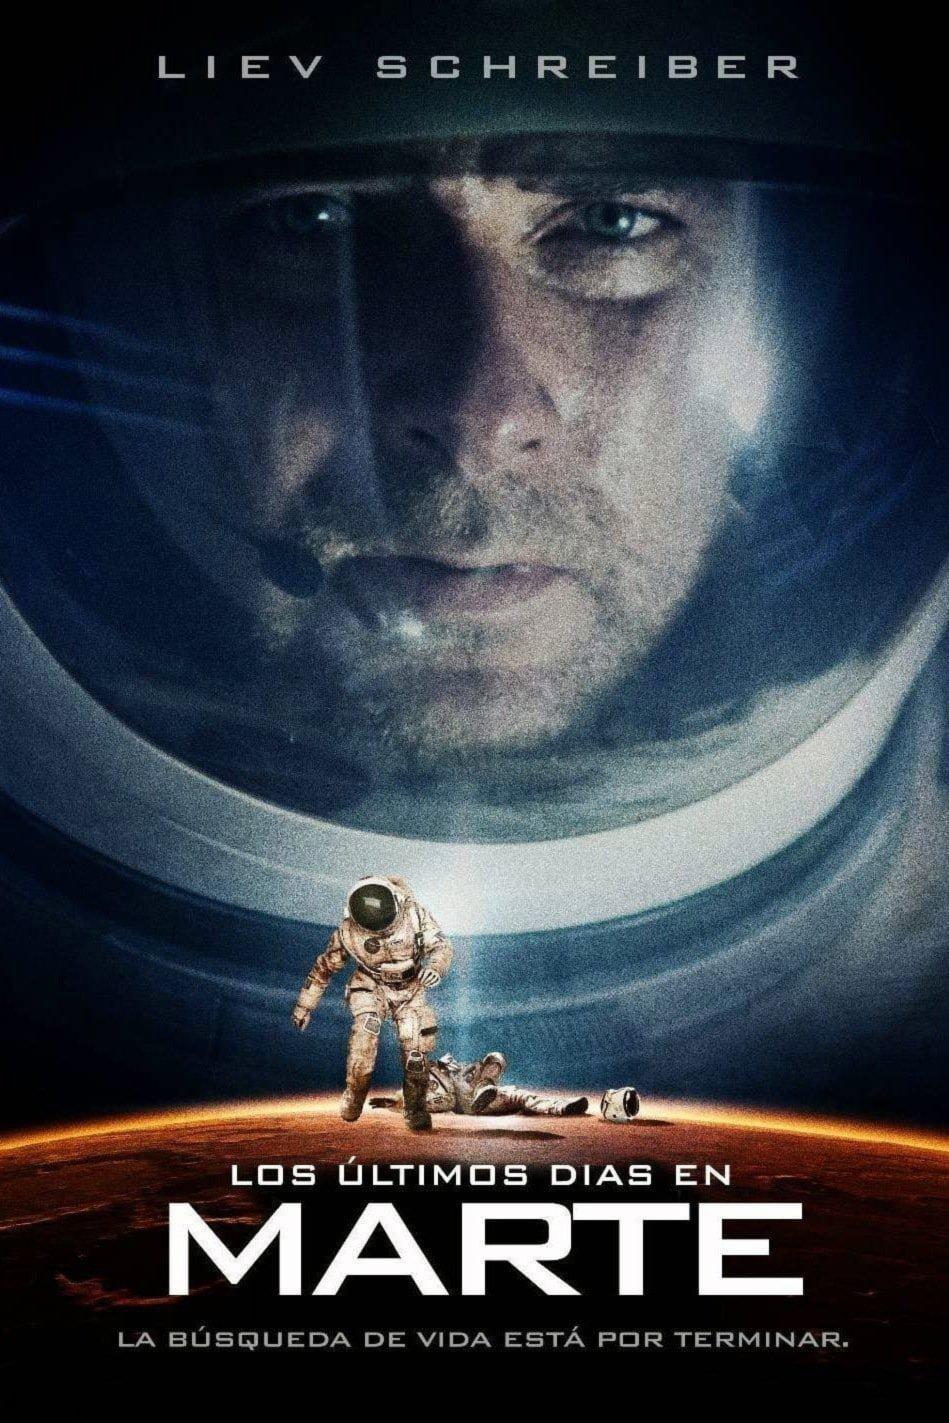 Los últimos días en Marte poster